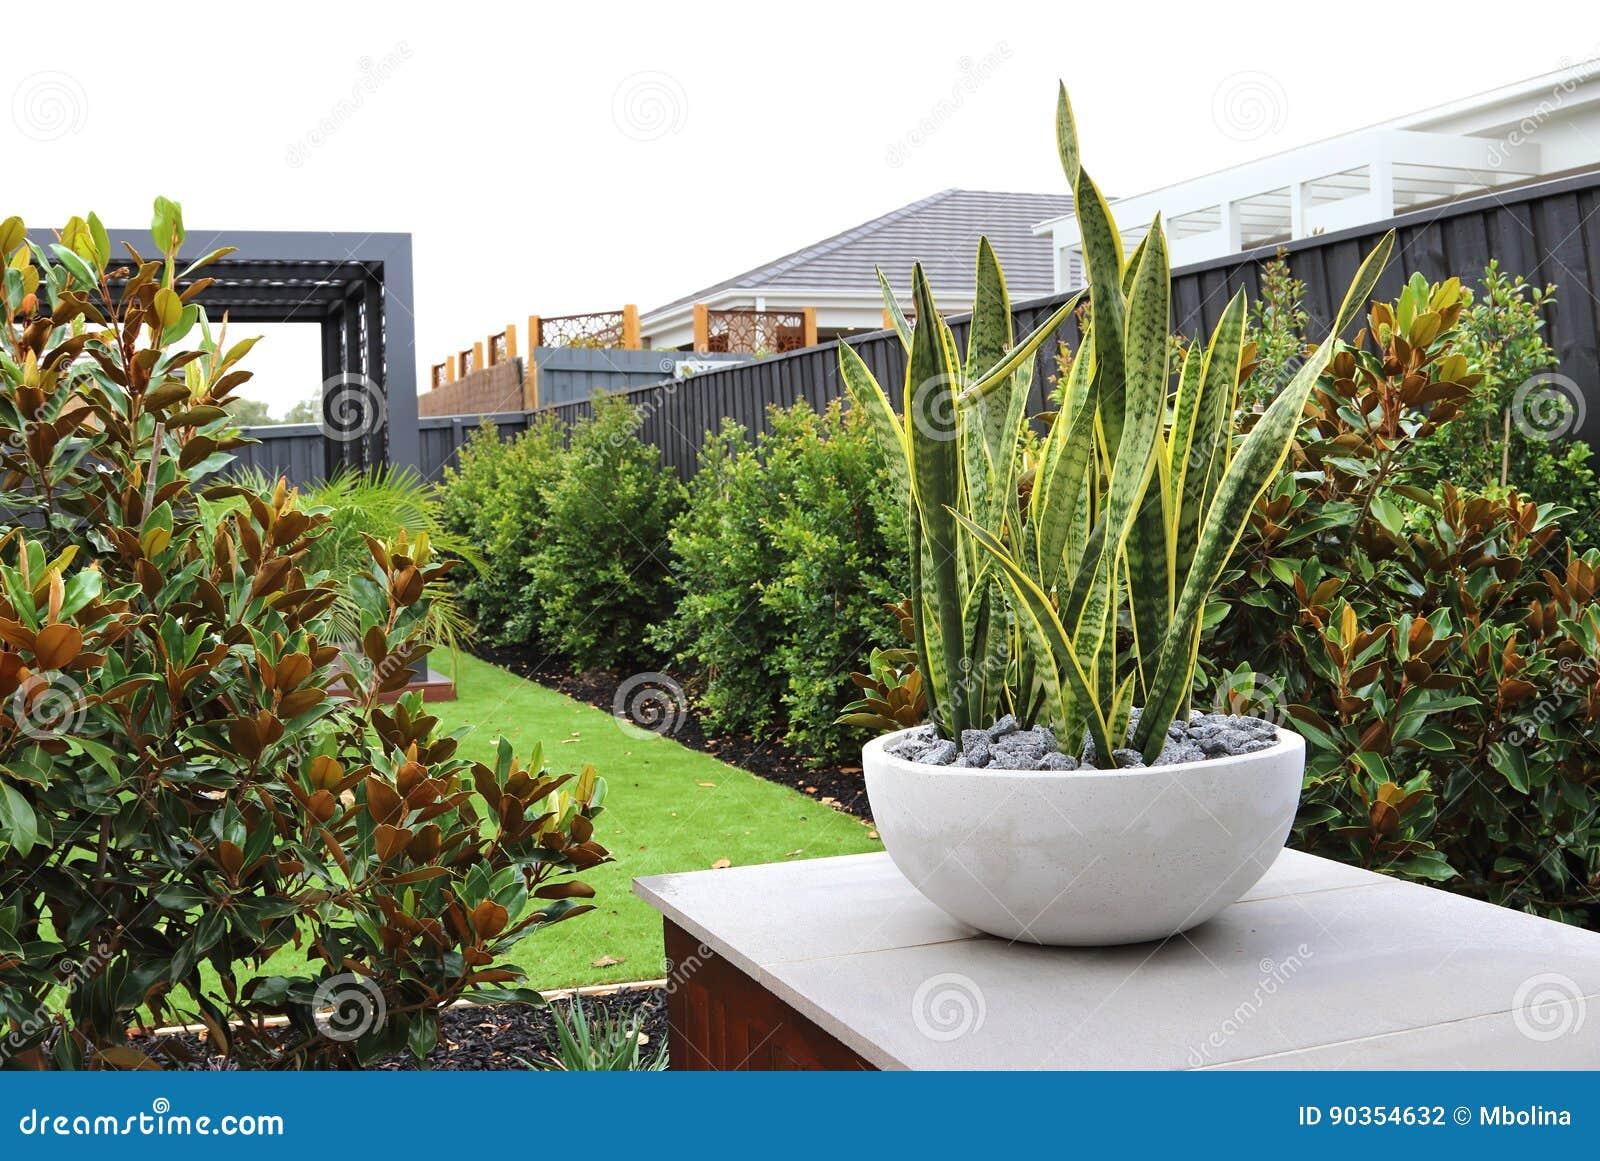 Moderne Hinterhofdesignideen Stockfoto - Bild von außen, landscaped ...